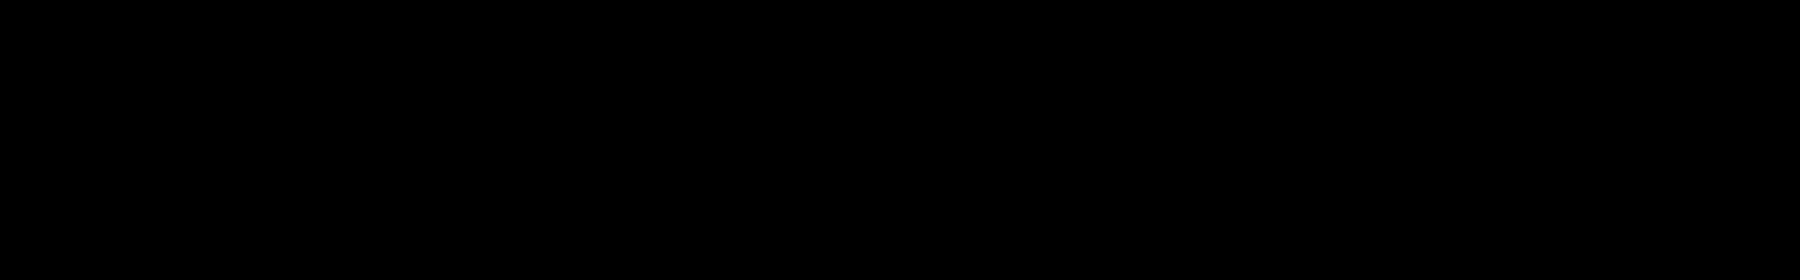 Unmüte Retro Piano Series audio waveform